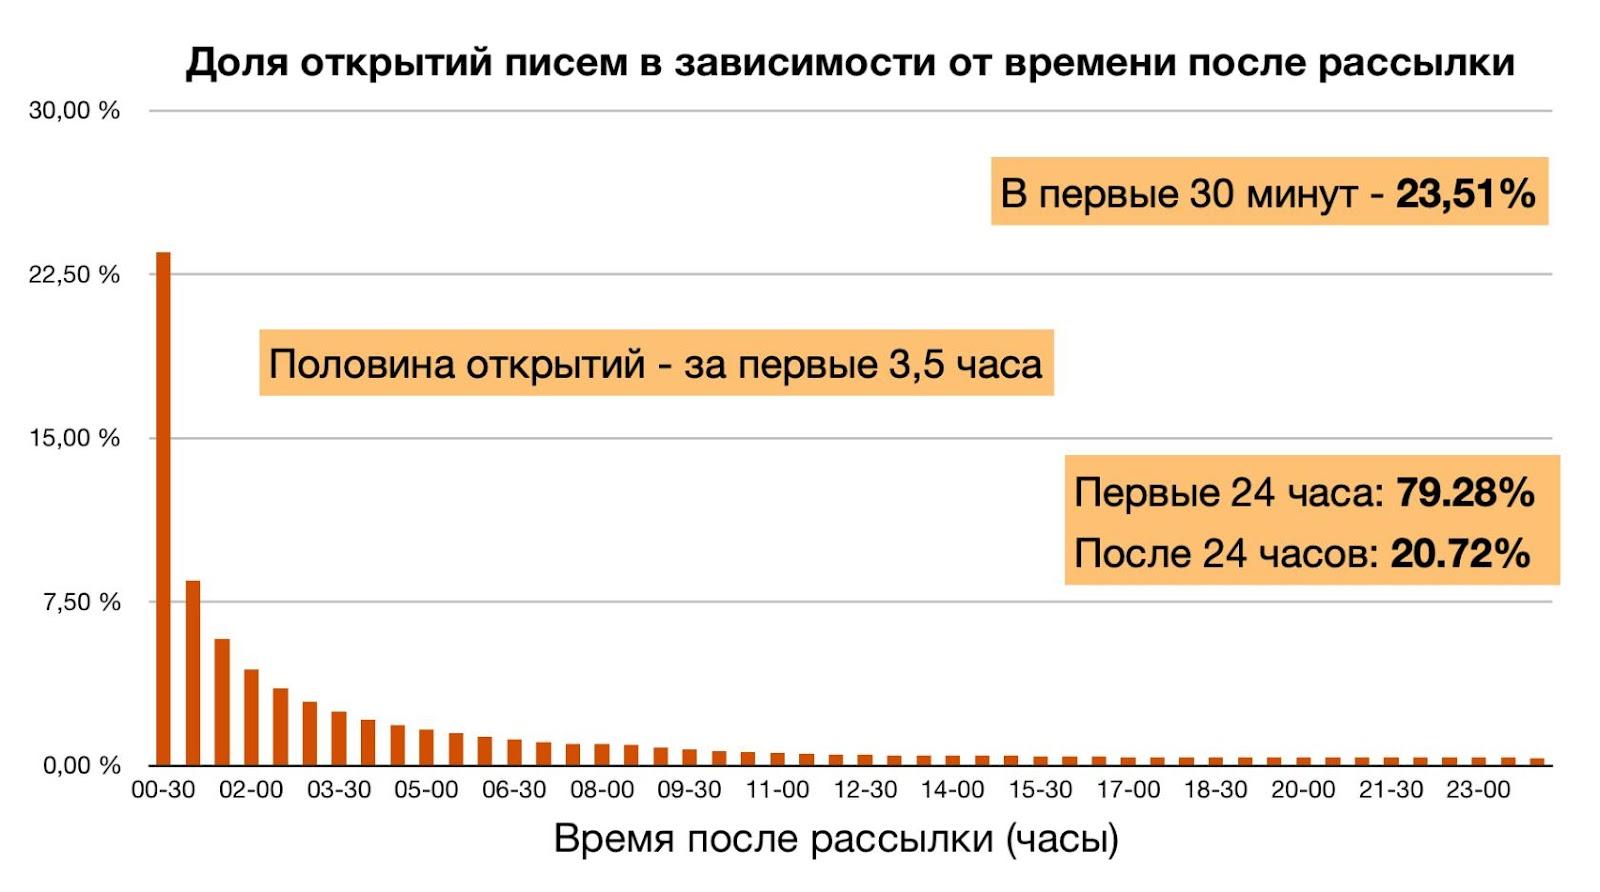 Статистика скорости открытий в 2019 году